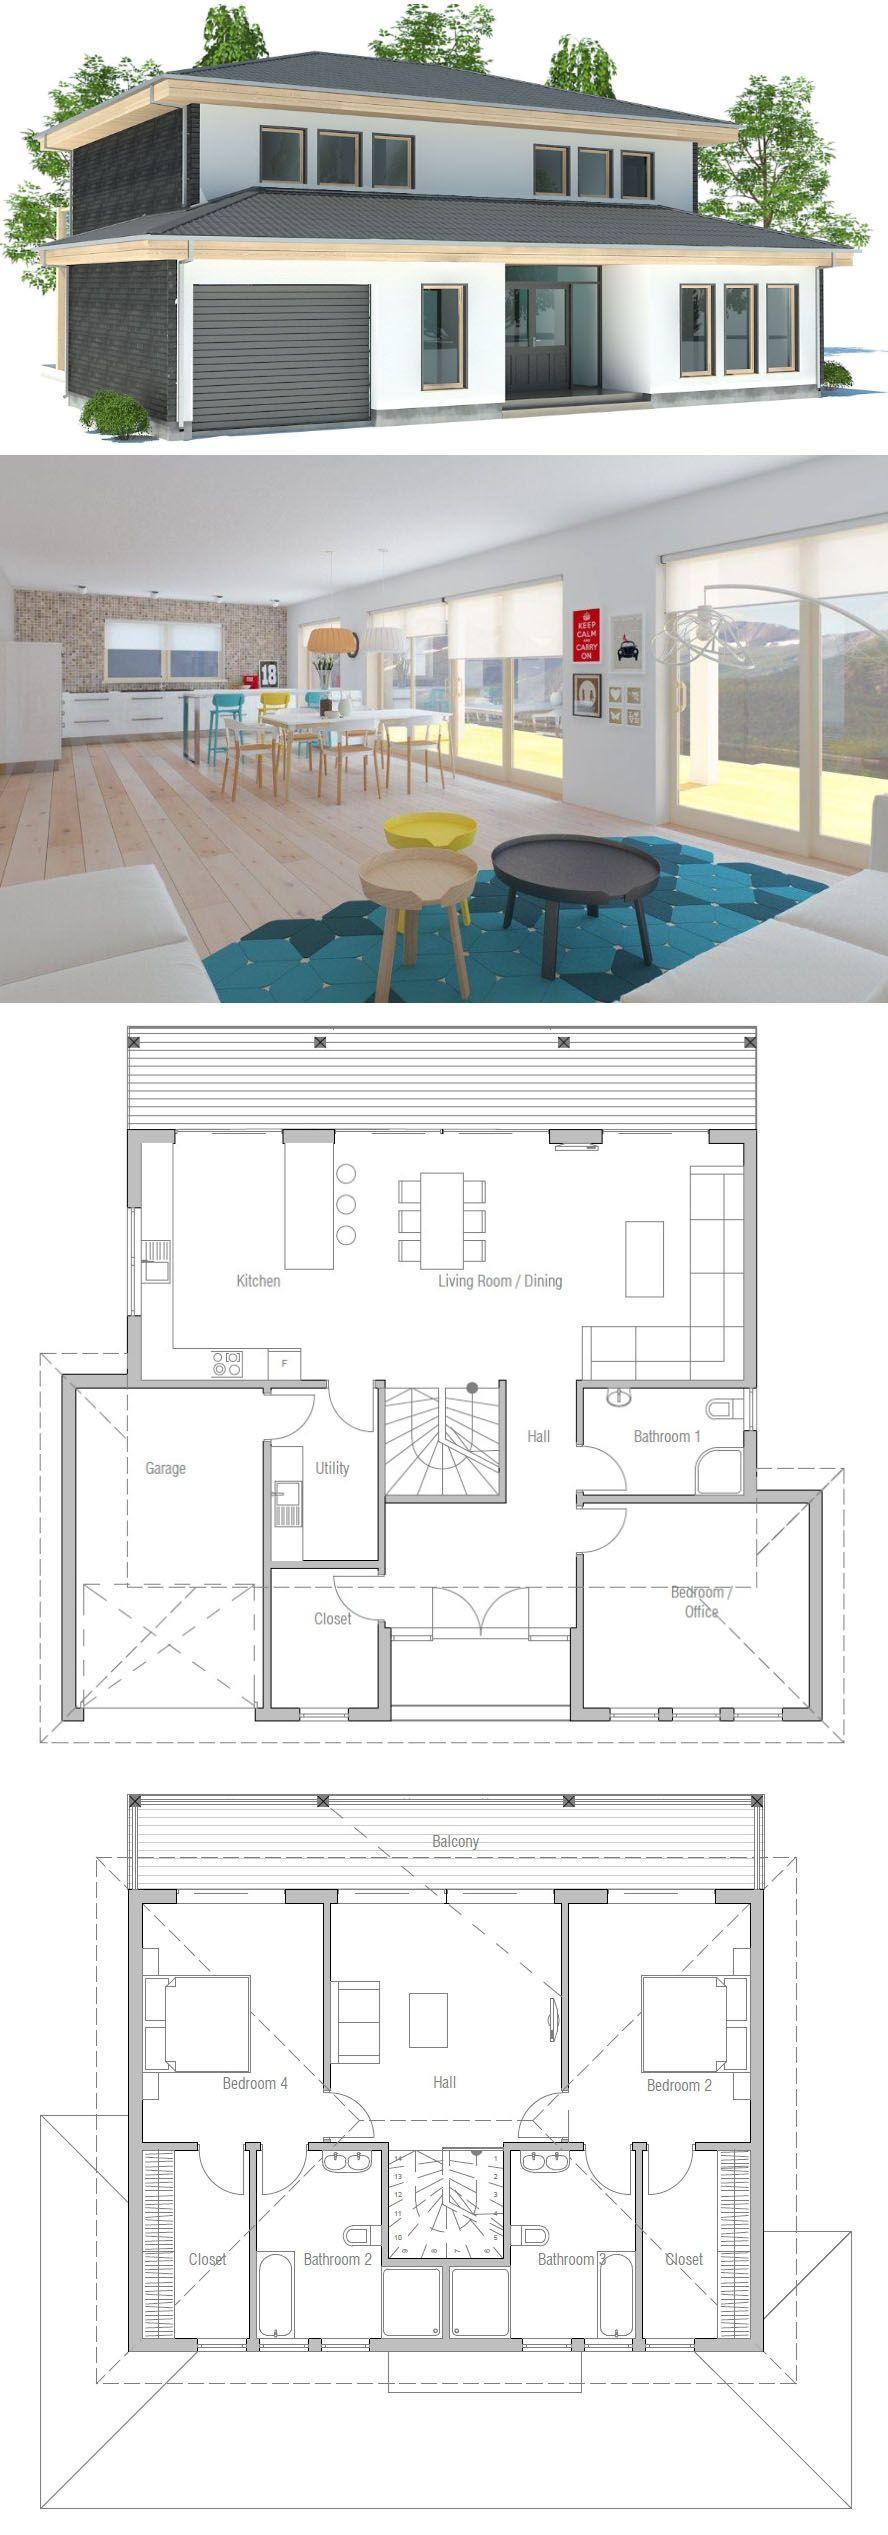 Plan De Maison Maison Maison Modernes Petite Maison Architecture